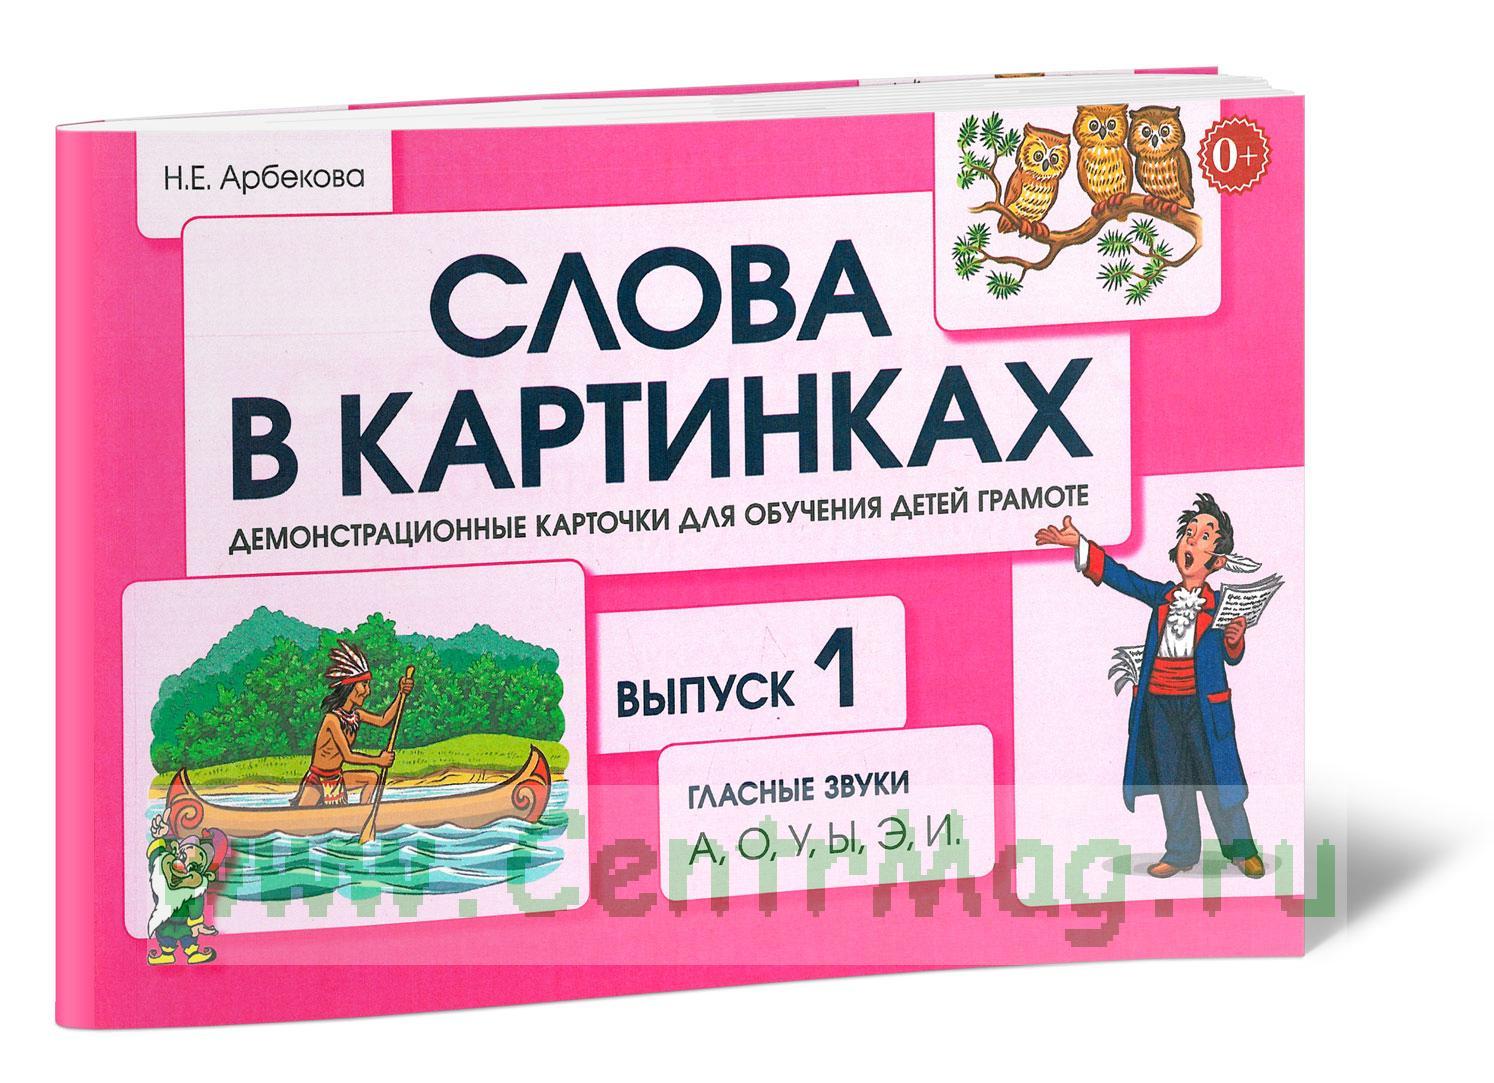 Демонстрационные карточки для обучения детей грамоте. Выпуск 1. Гласные звуки А, О, У, Ы, Э, И